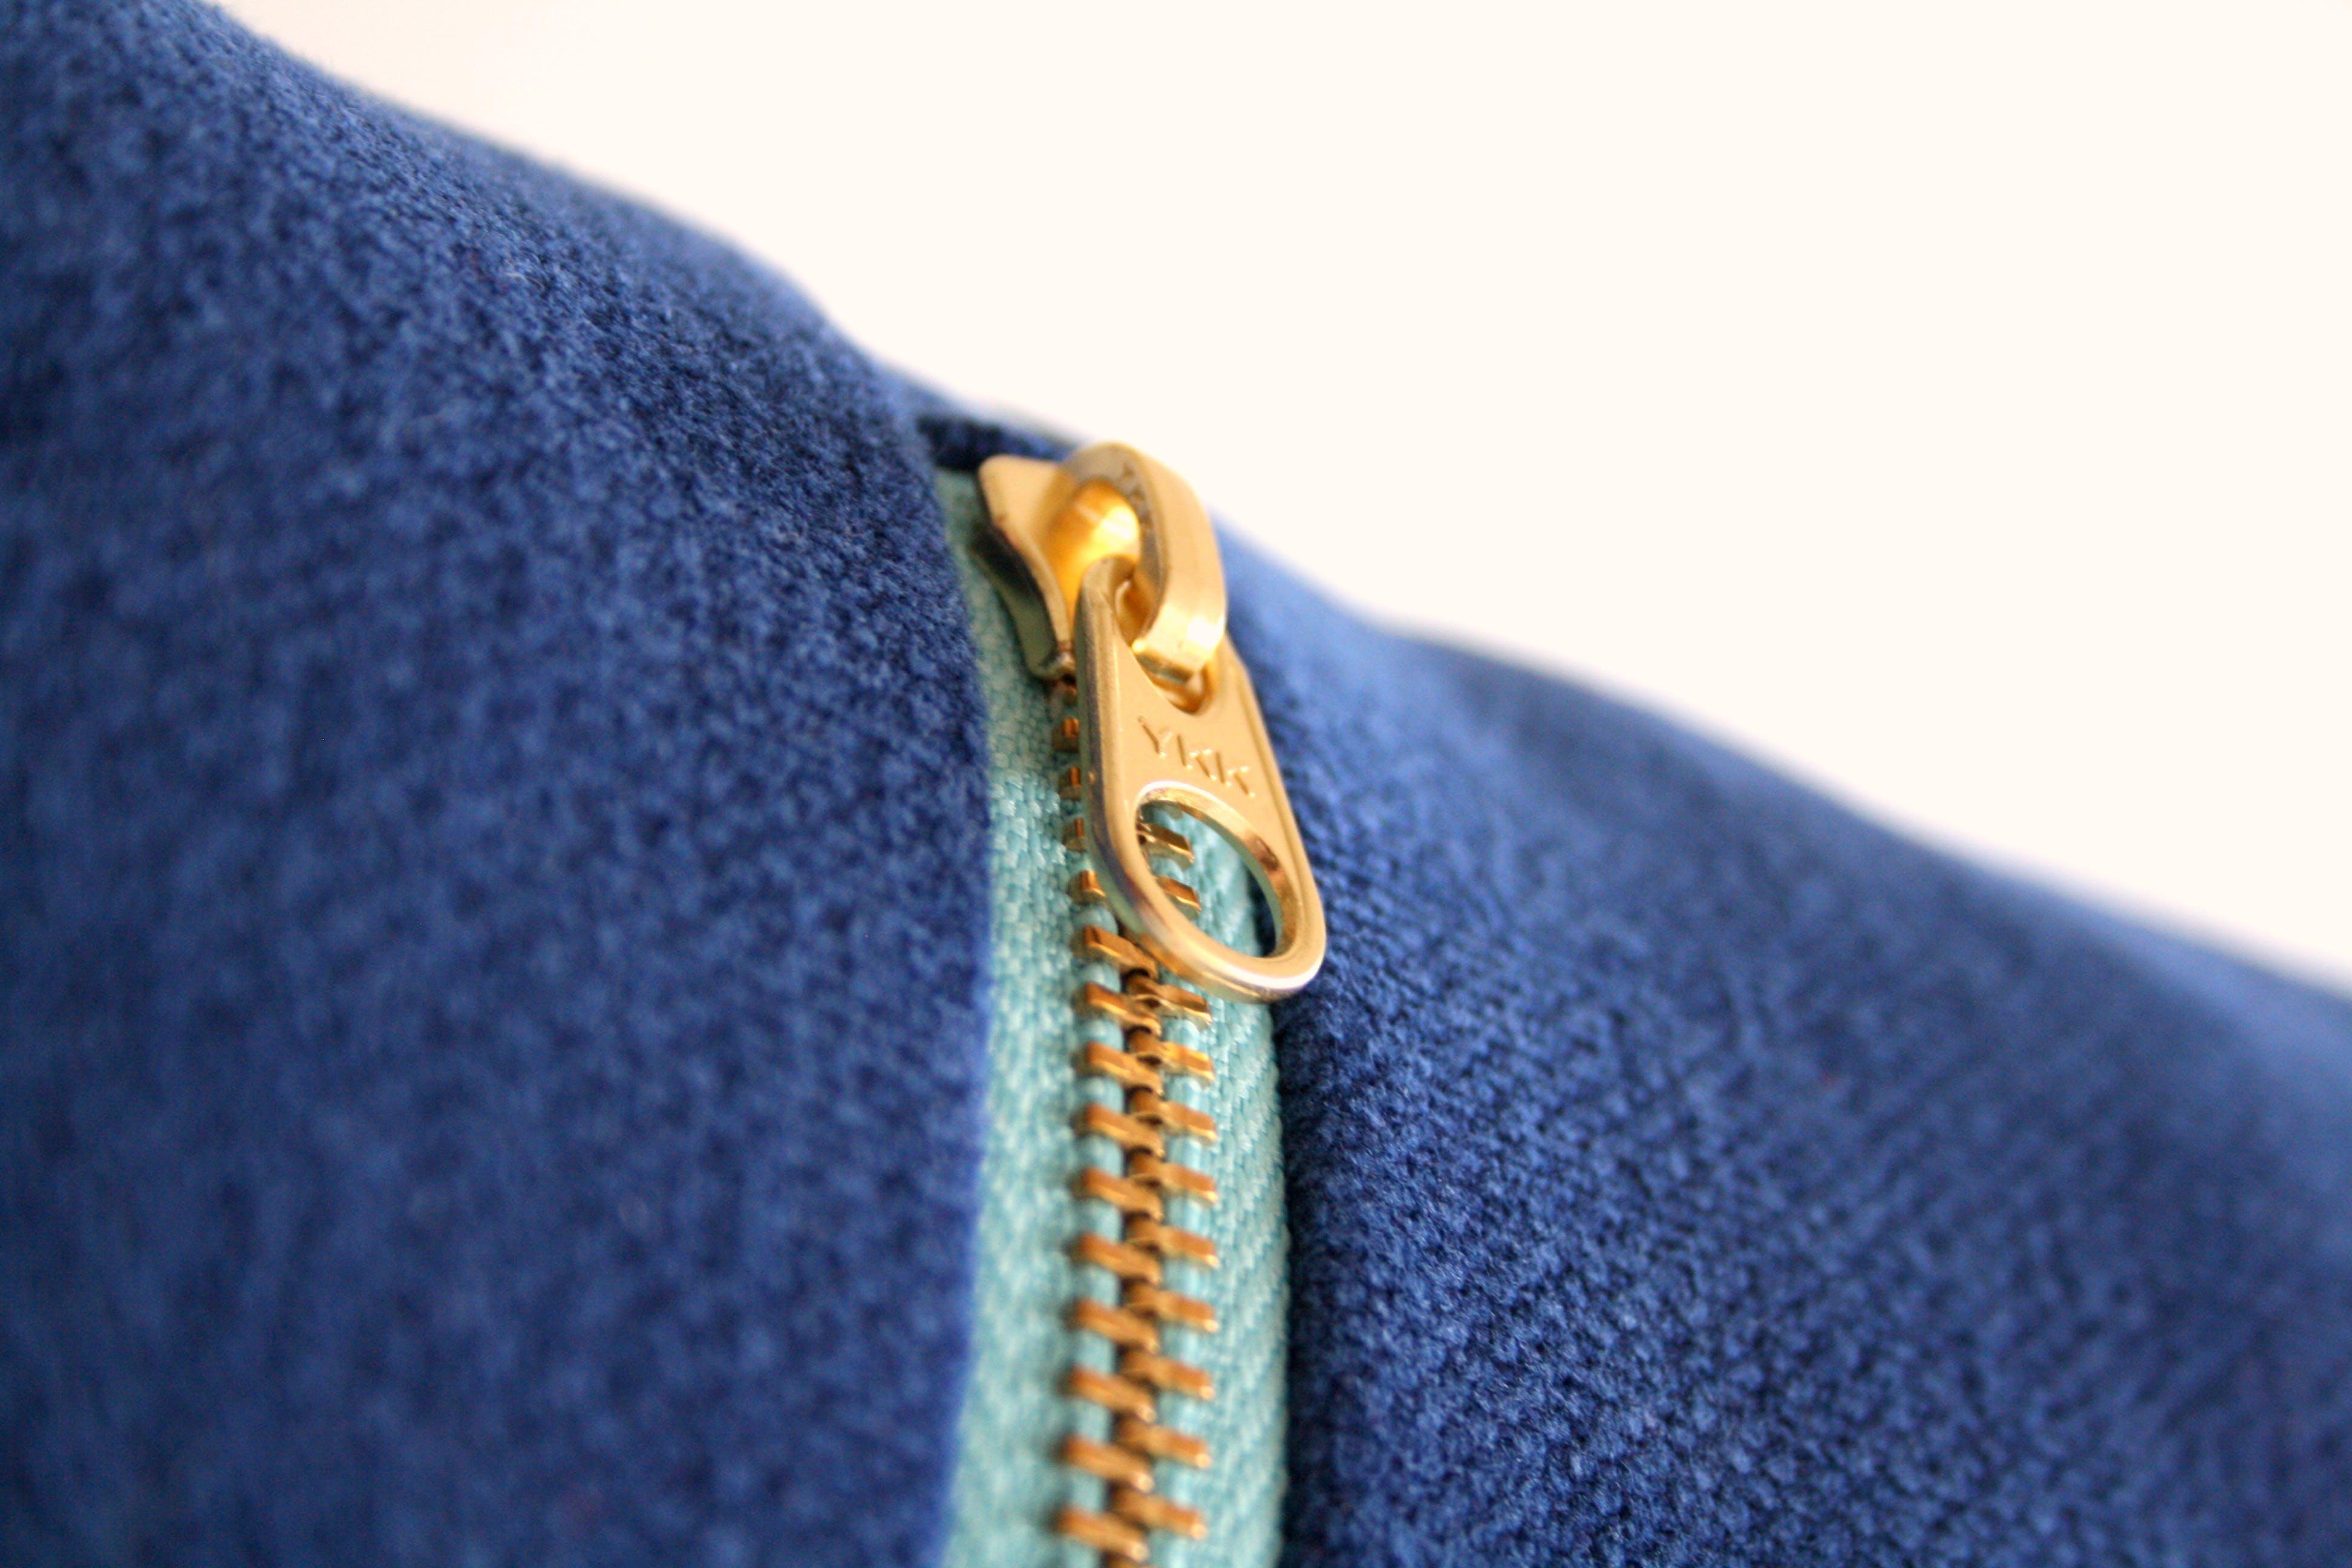 디자인, 양모, 옷, 재료의 무료 스톡 사진